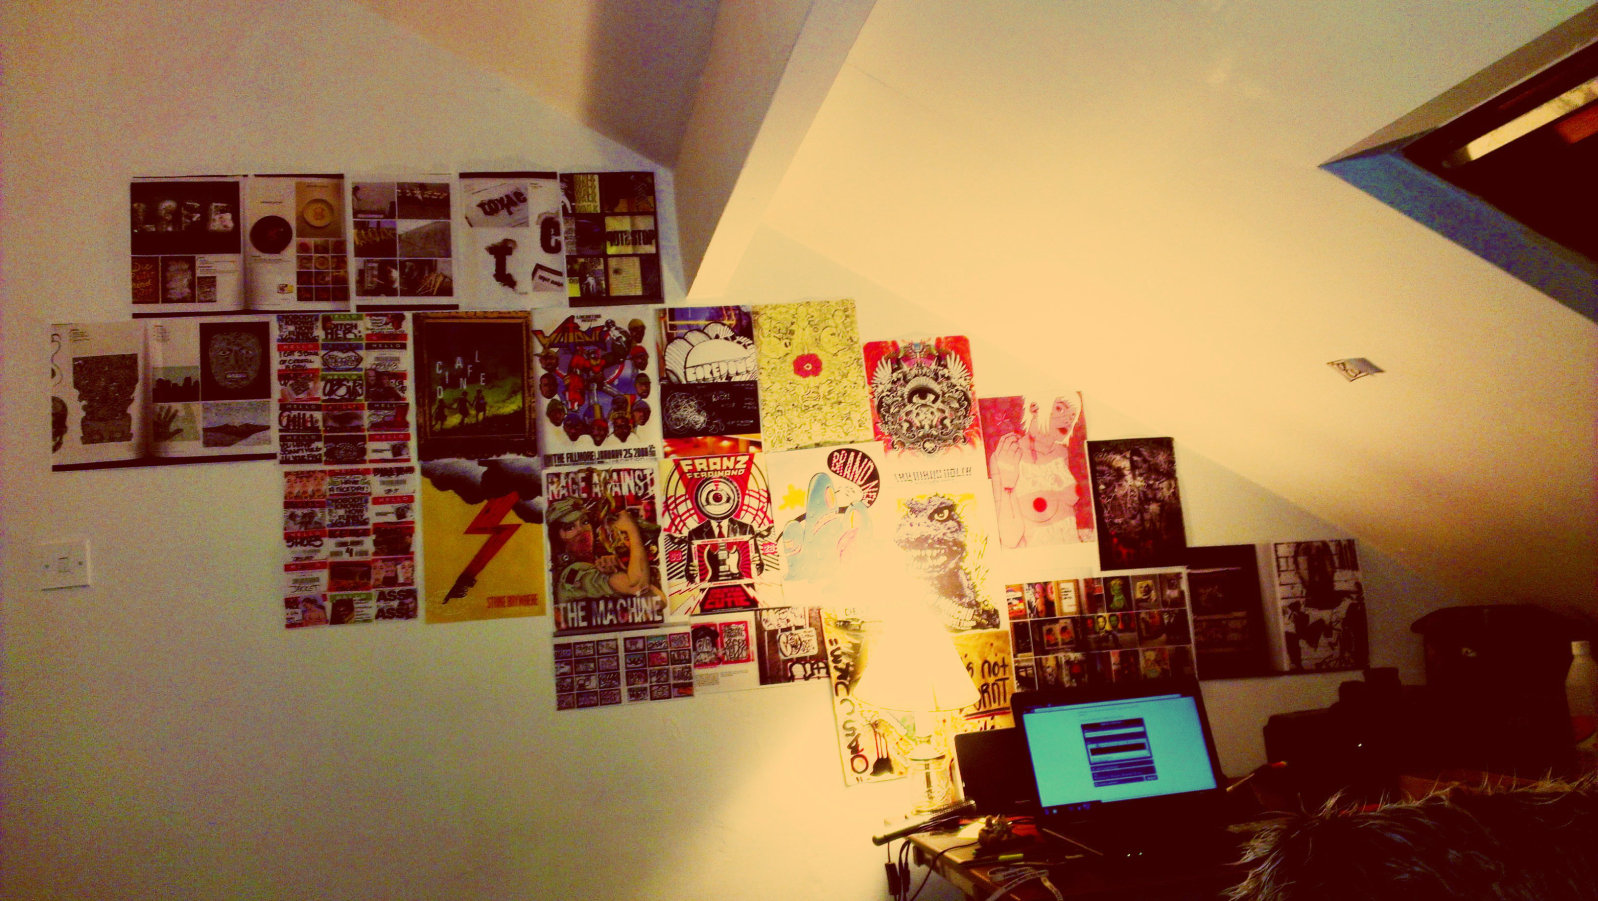 Habitación decorada con posters o carteles